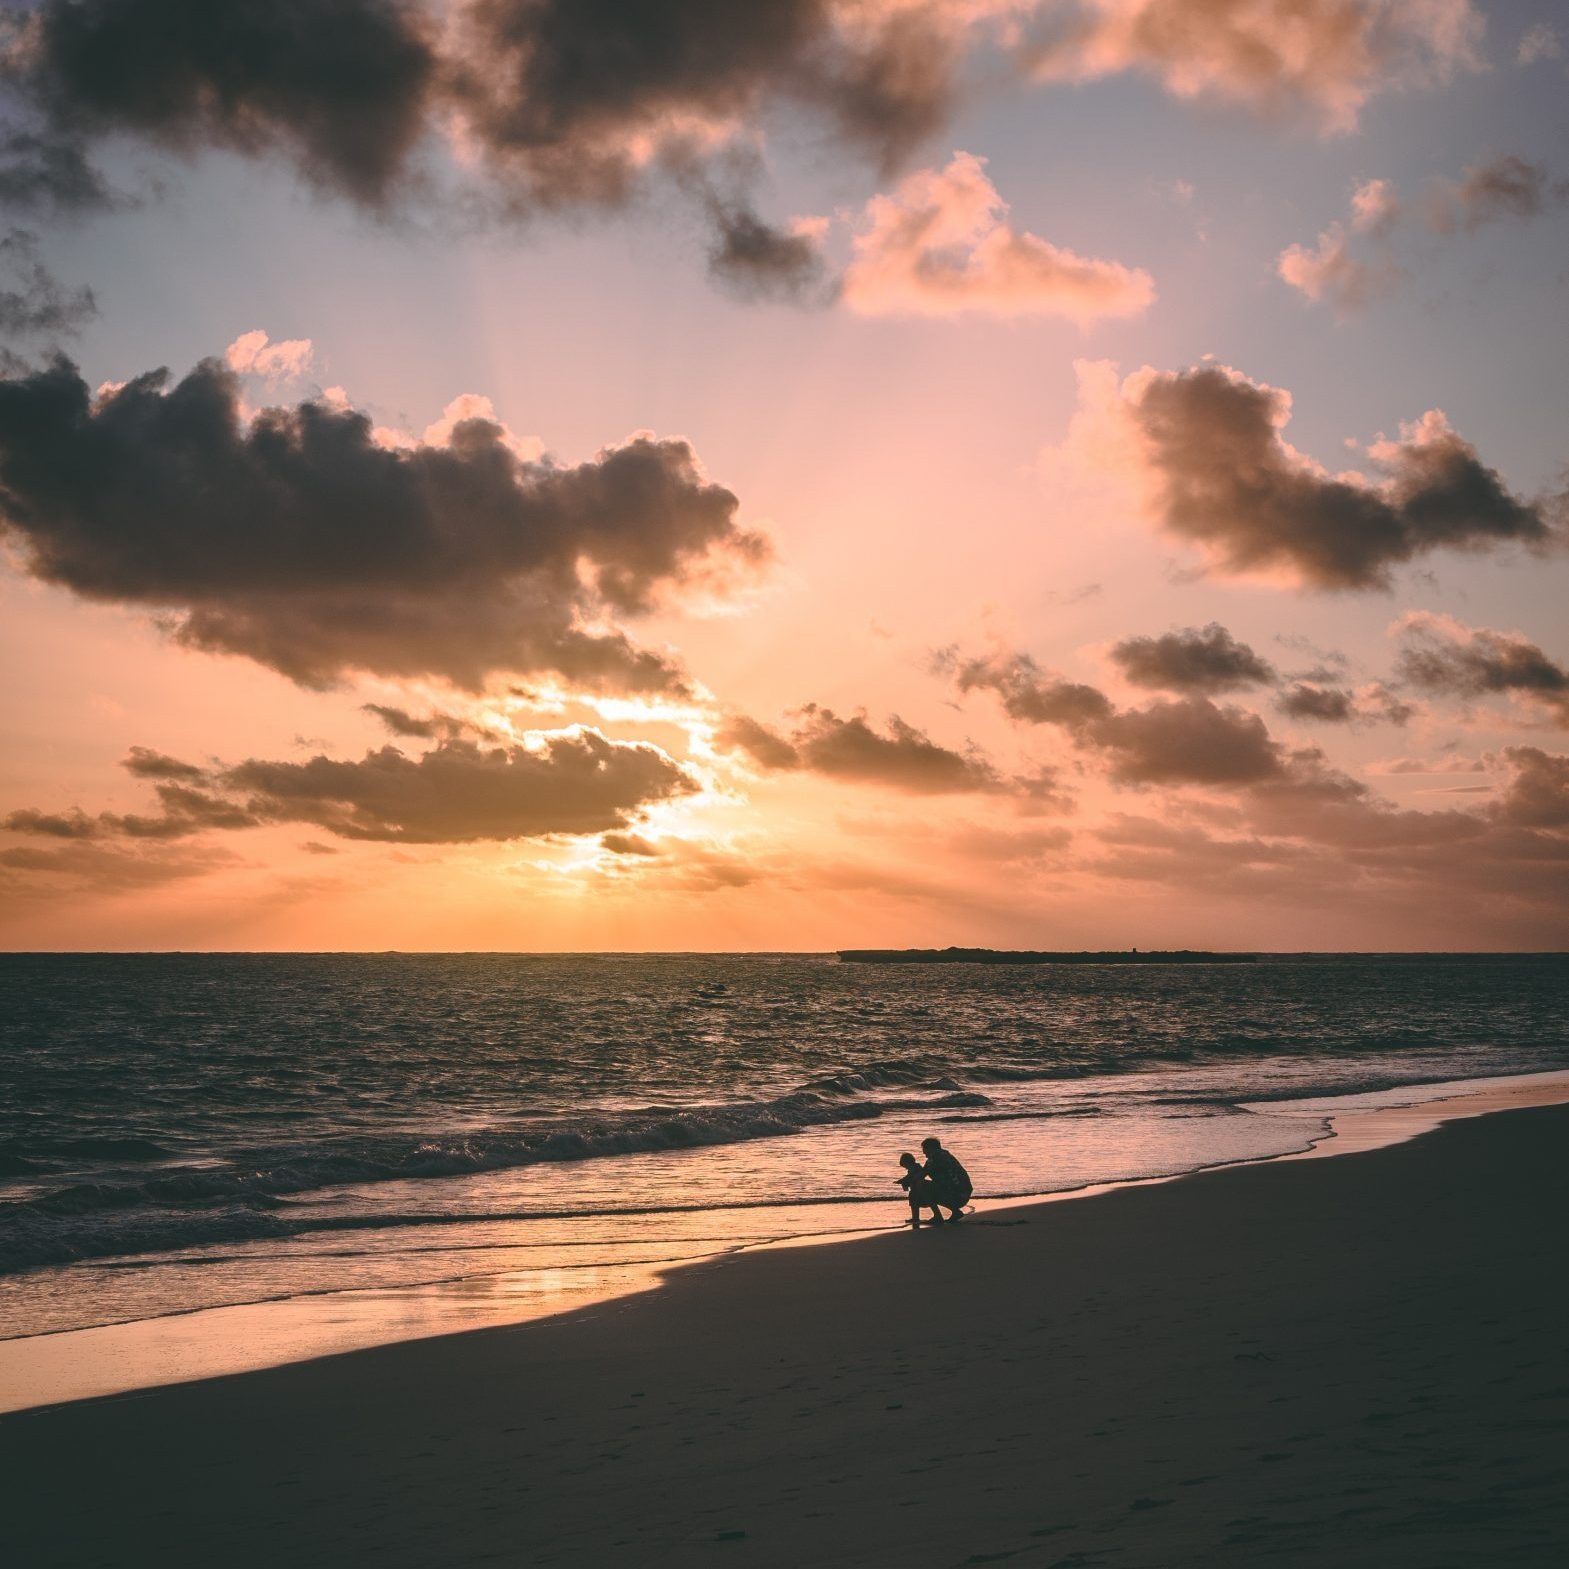 beach-child-dad-1142951